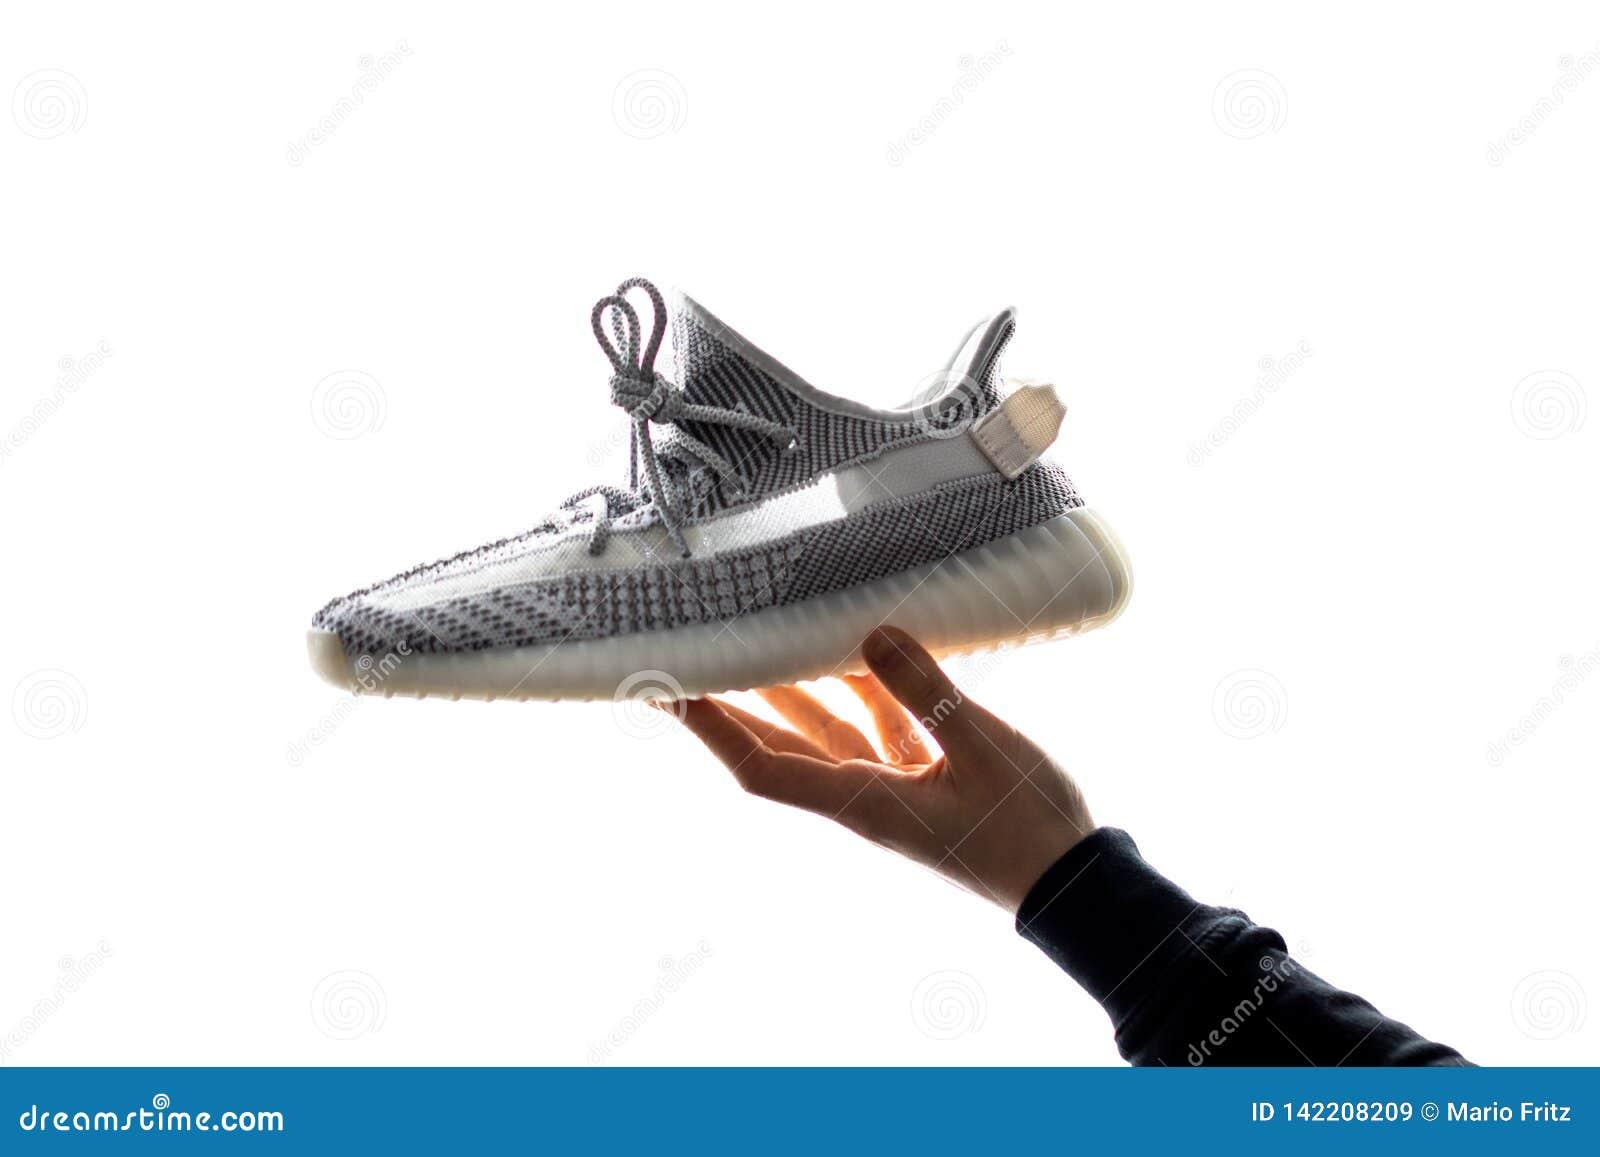 Uma mão mantém Adidas Yeezy 350 V2 estático em sua mão Liberado o 26 de dezembro de 2018